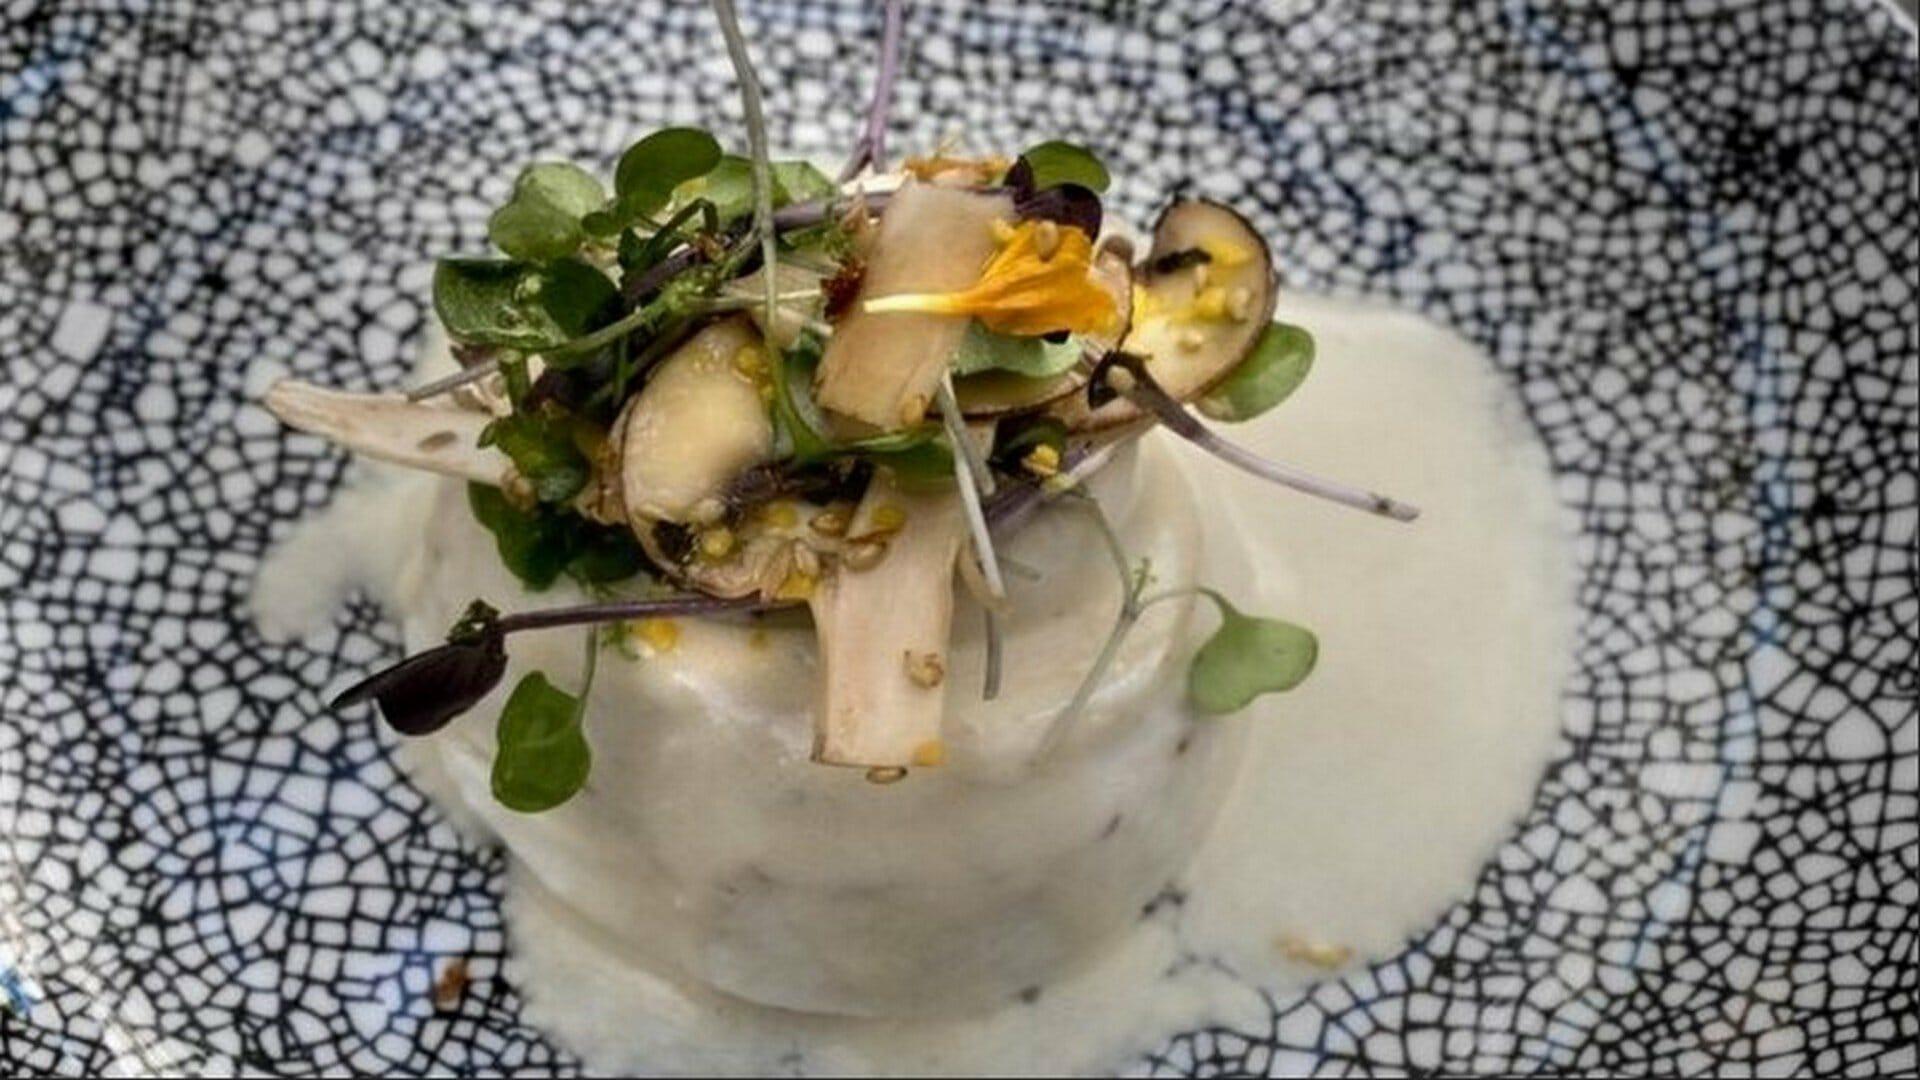 Gastrofestival 2020: Arte y gastronomía en el hotel The Westin Palace